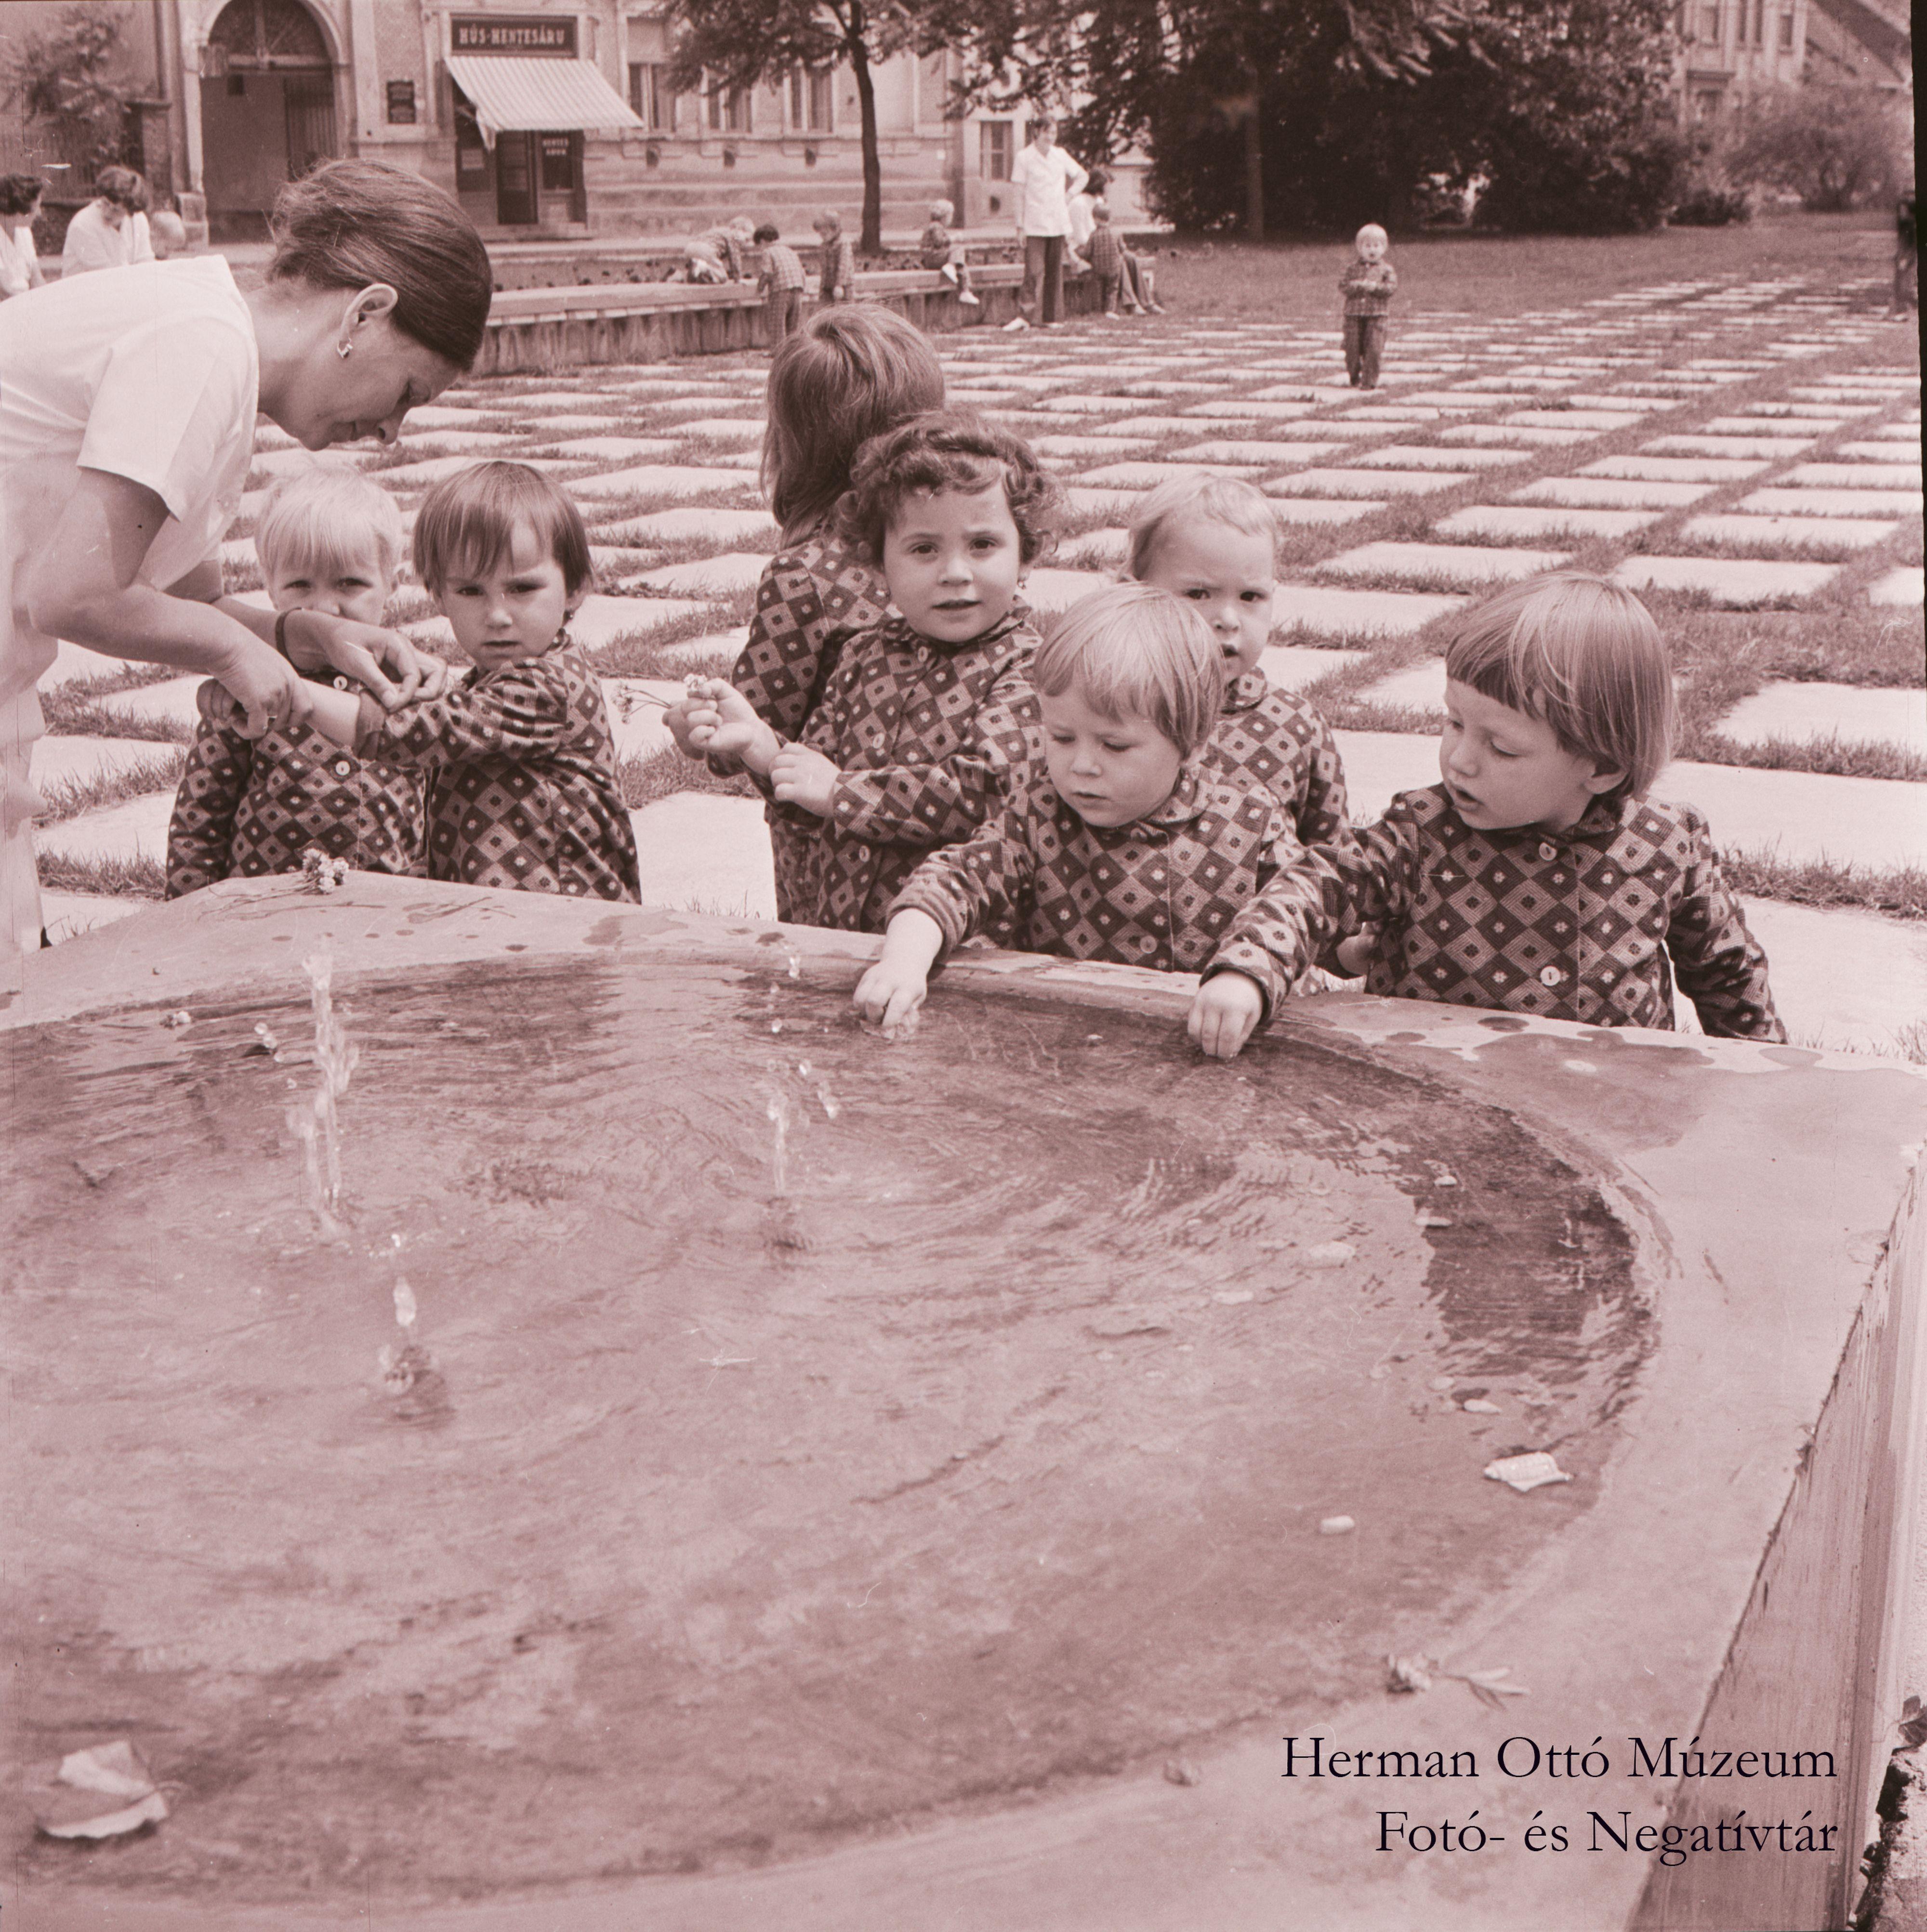 Herman Ottó Múzeum Fotó- és Negatívtára. A szökőkútnál. Laczó József, 1975. június 3. Leltári szám: HOM_FN_70414